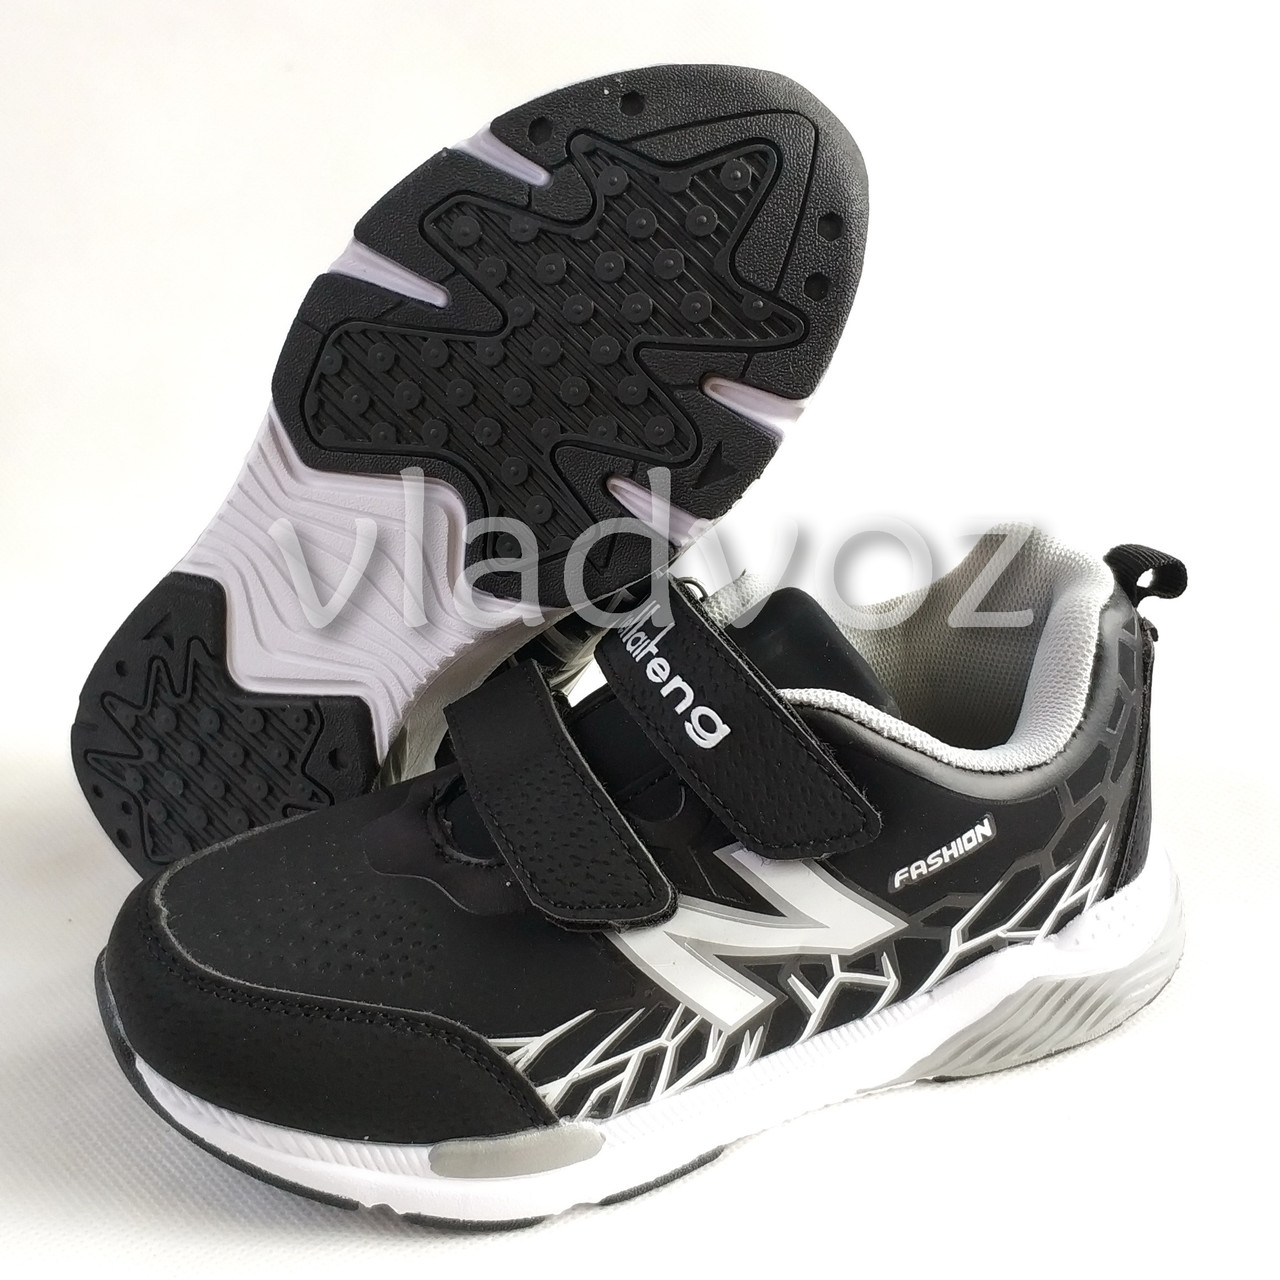 abe75850 Кроссовки для мальчика черные с белым KLF 36р., цена 400 грн ...